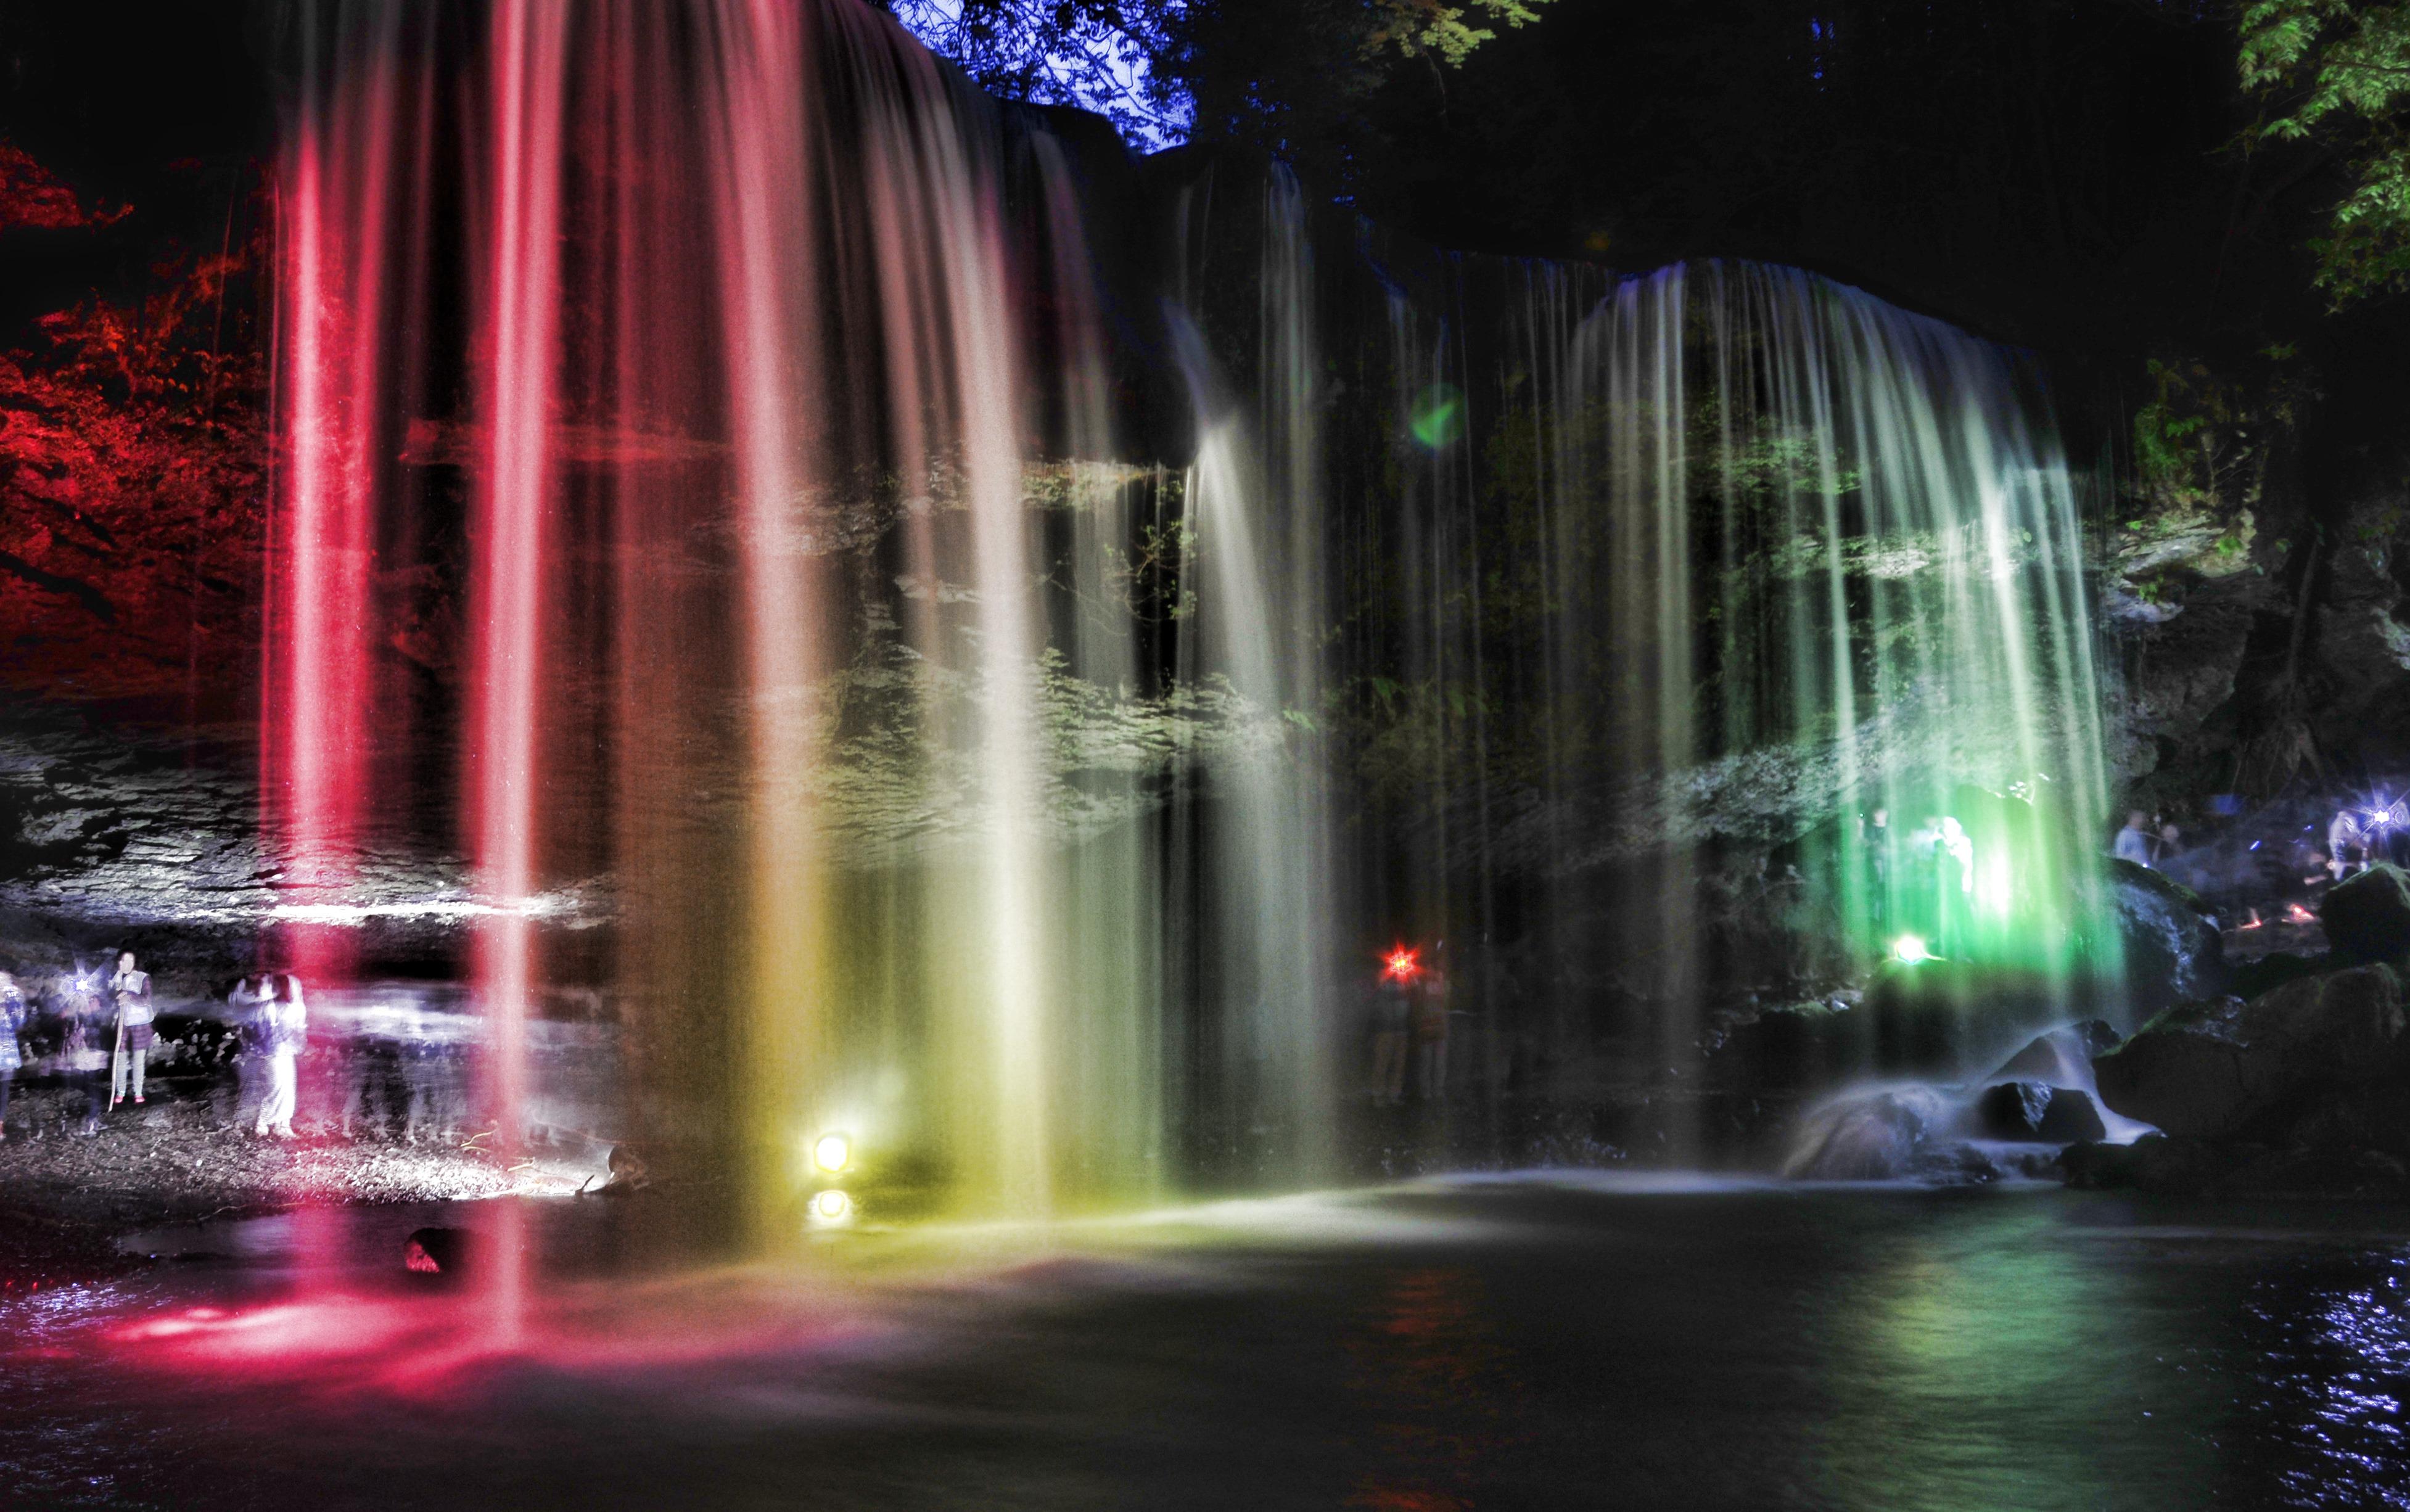 тогда ваши фотоэффекты водопады для фото ложитесь ногами